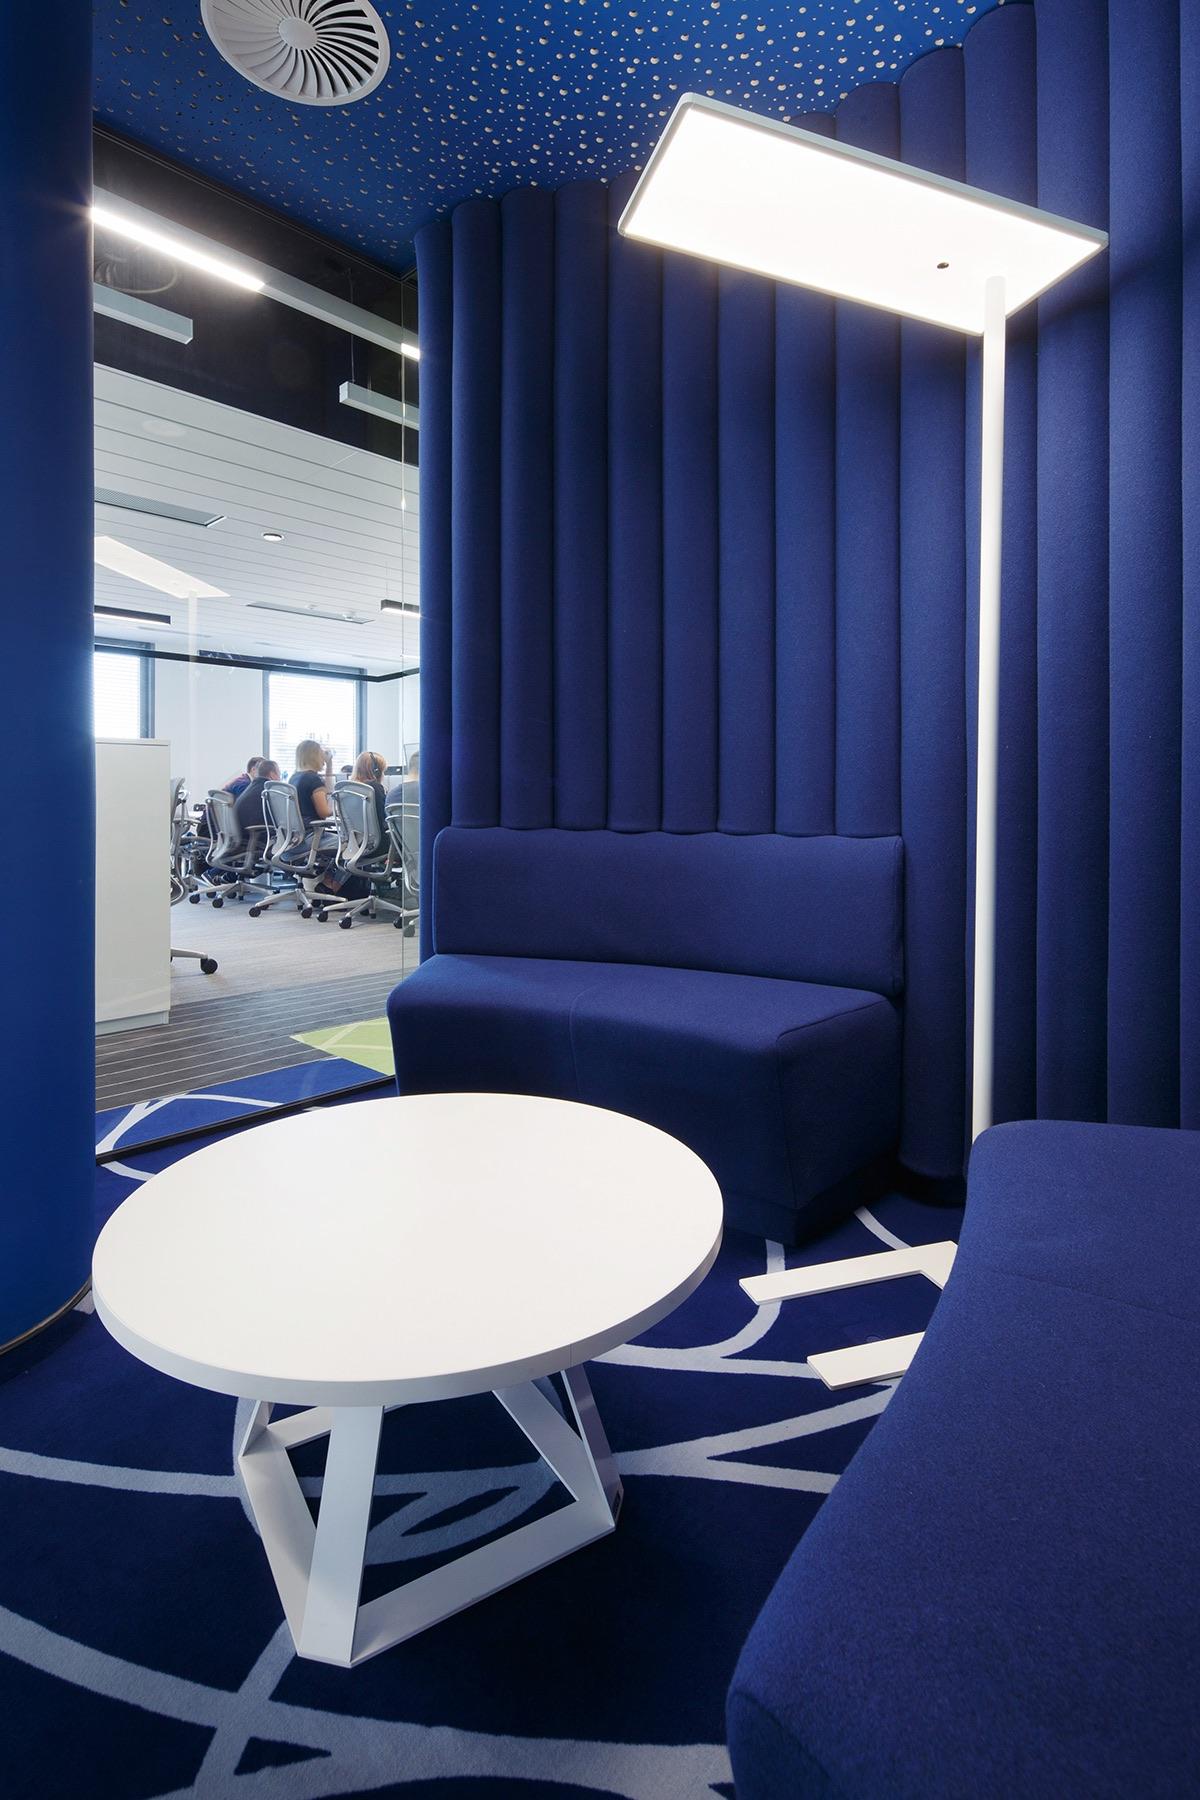 kpmg-katowice-office-19